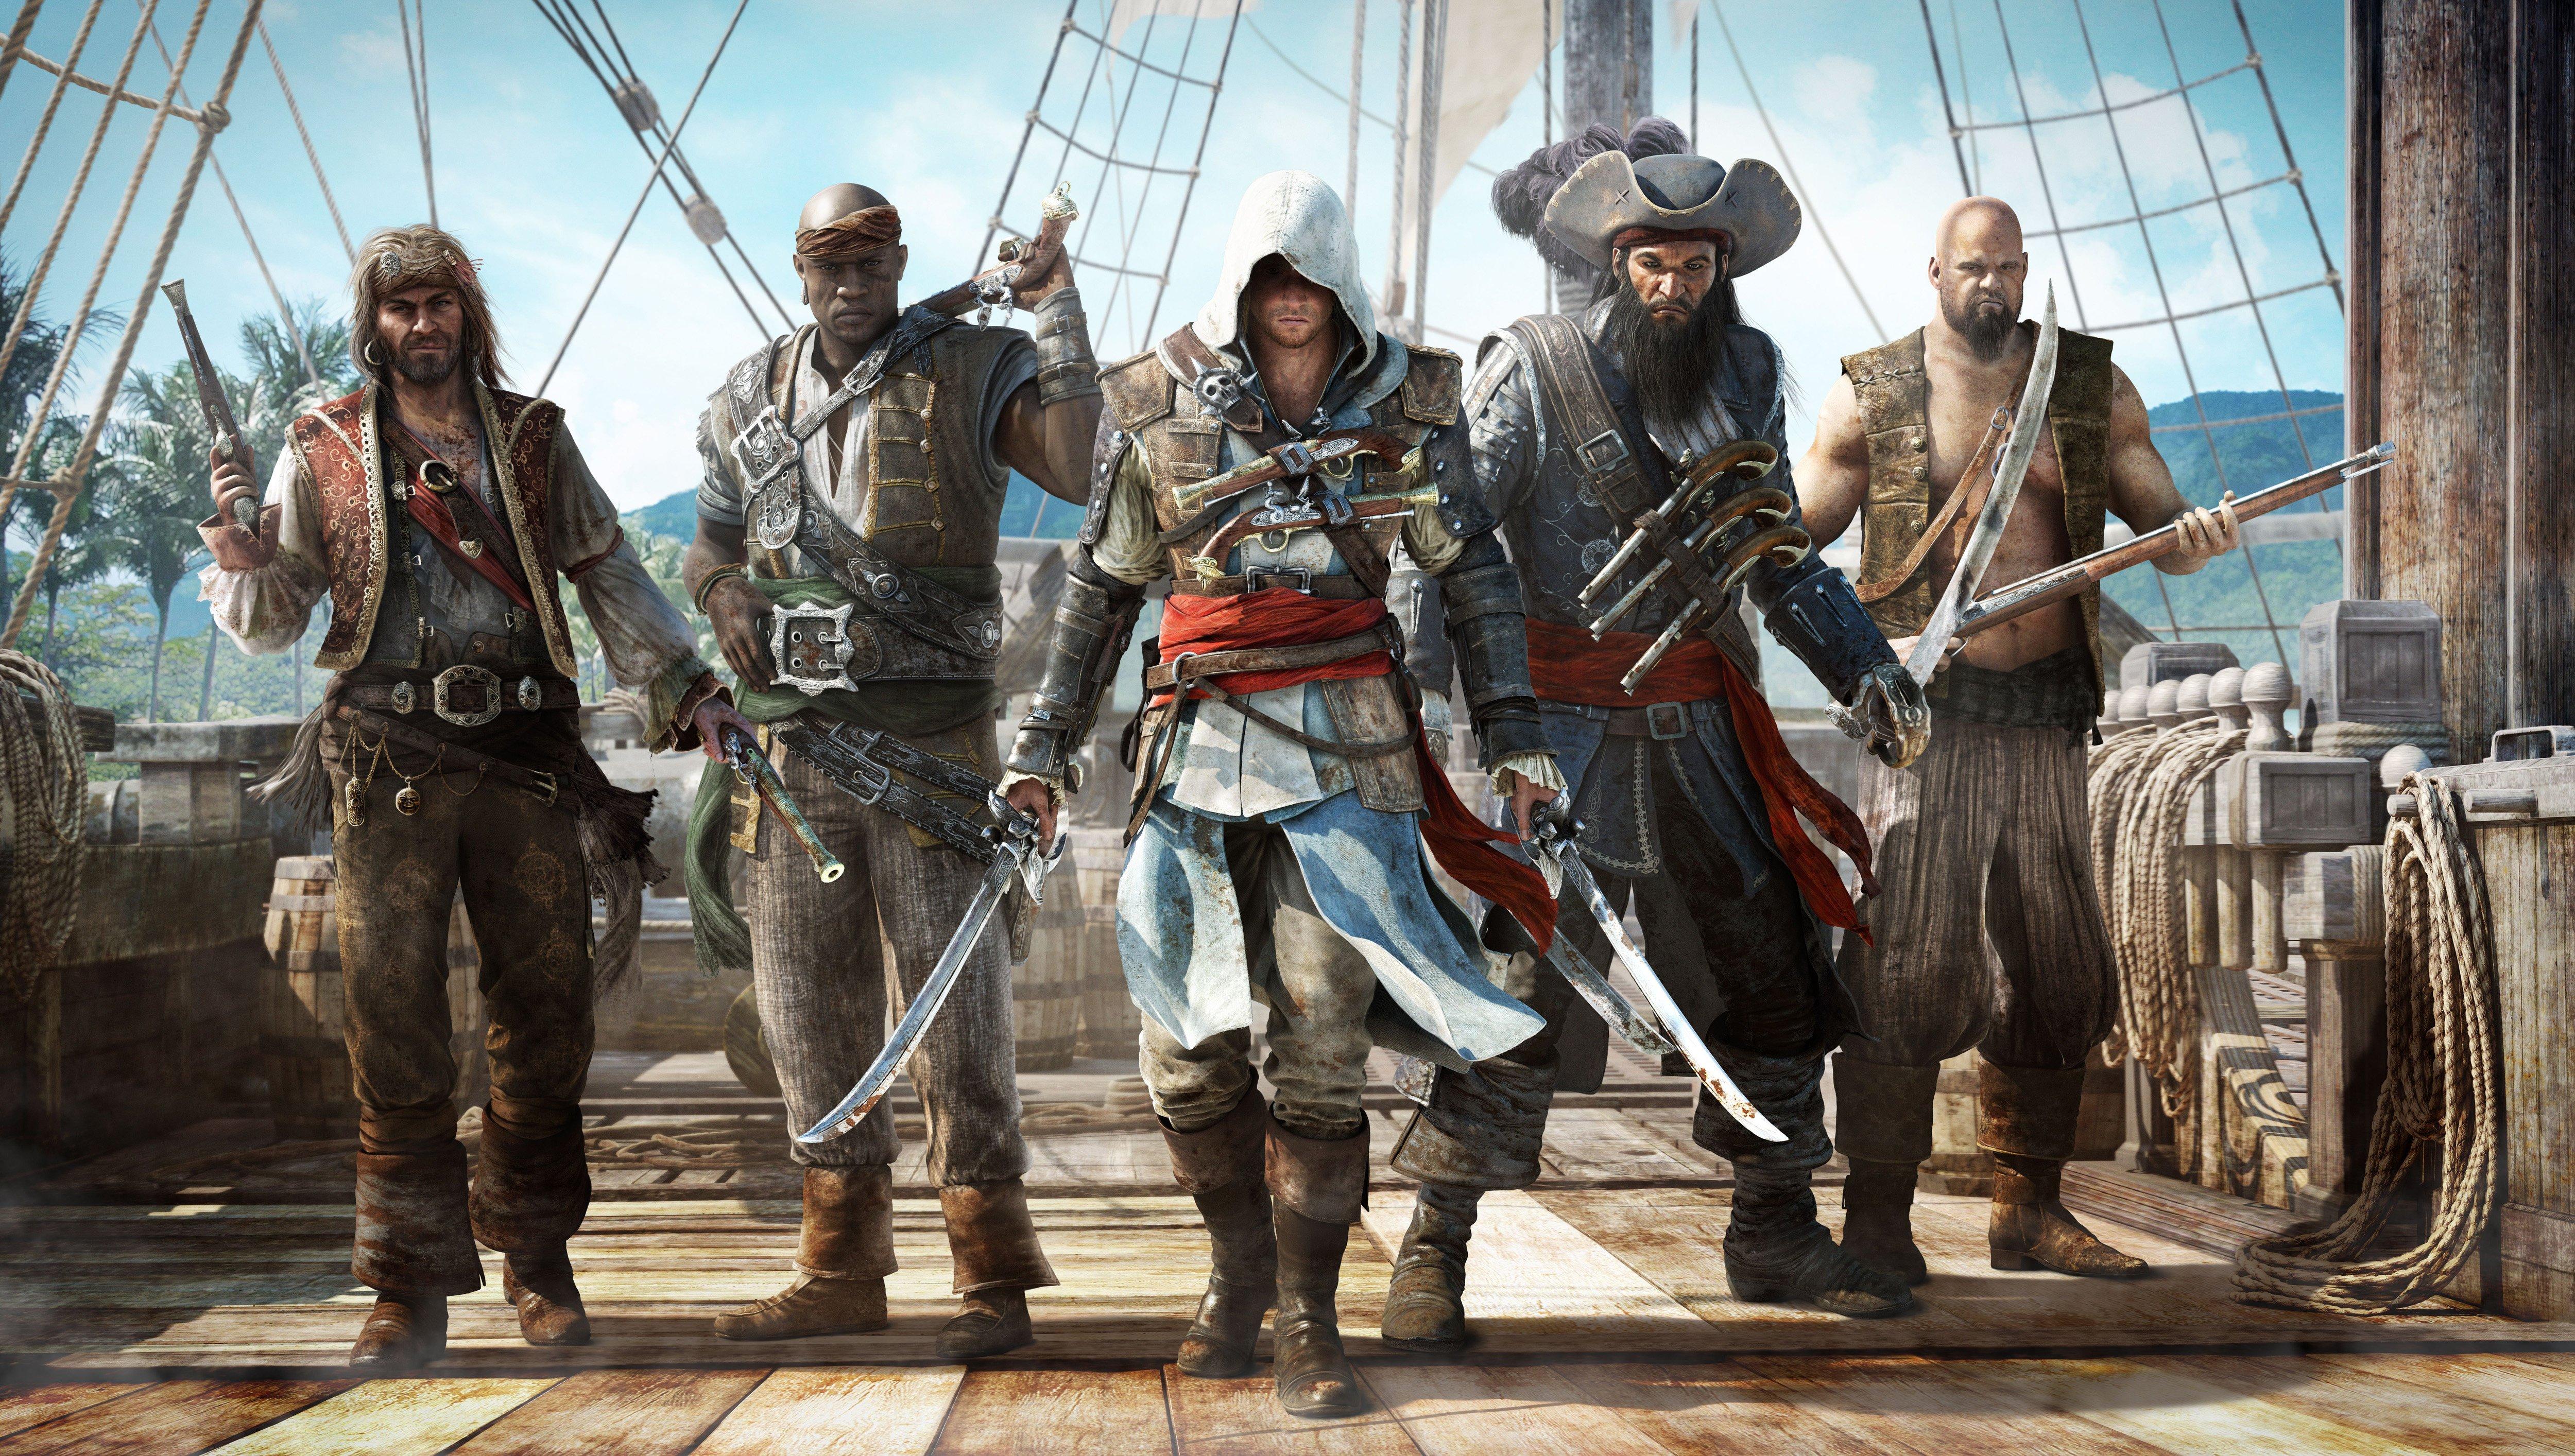 А знаете ли вы?Что всеми ожидаемый Assassins Creed IV: Black Flag уже пару дней как на торрентах простаивает, пока в ... - Изображение 1